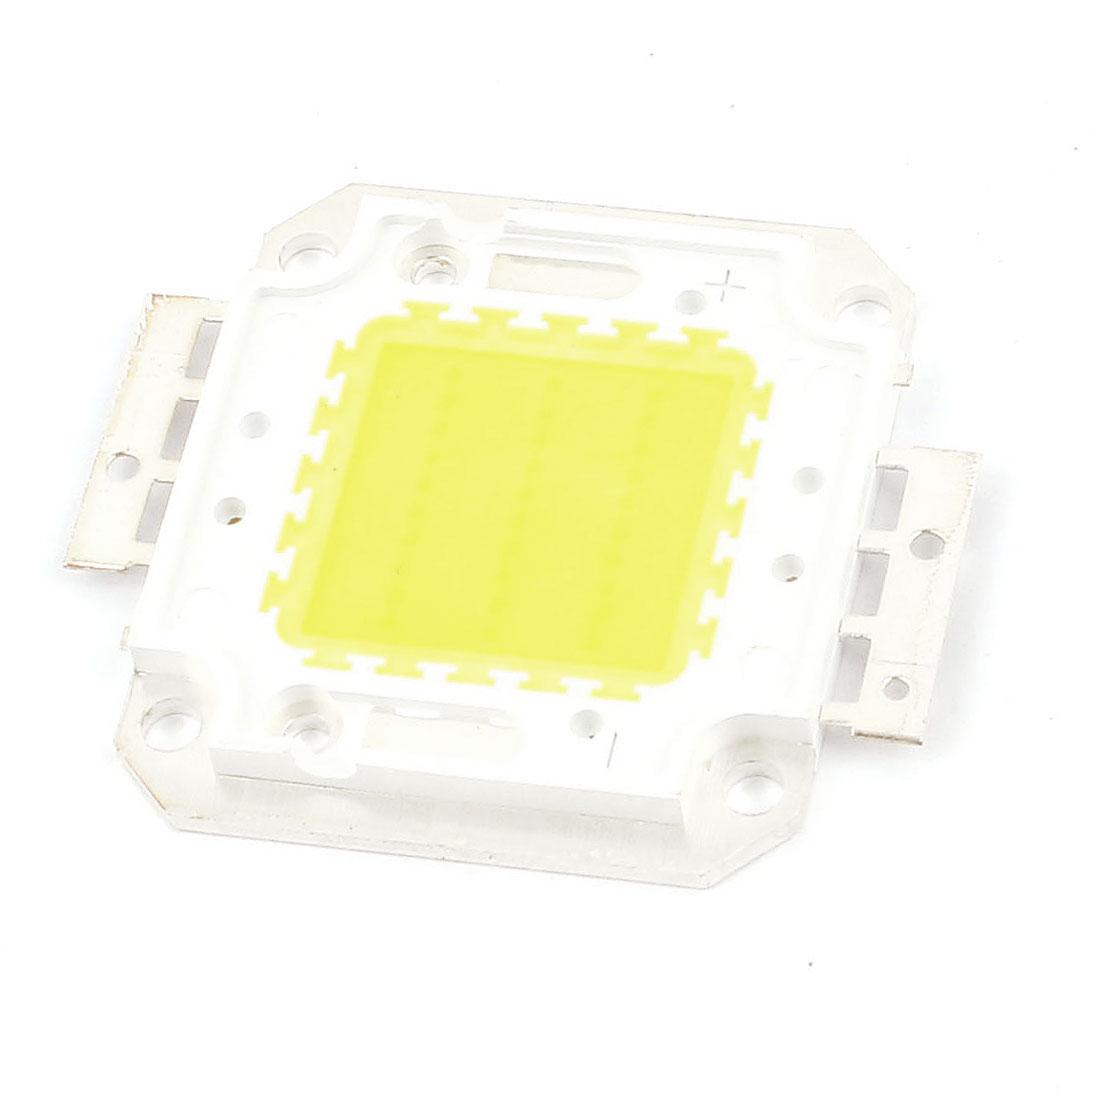 Square Shape White Light Lamp SMD COB LED Module Chip DC 30-36V 30W